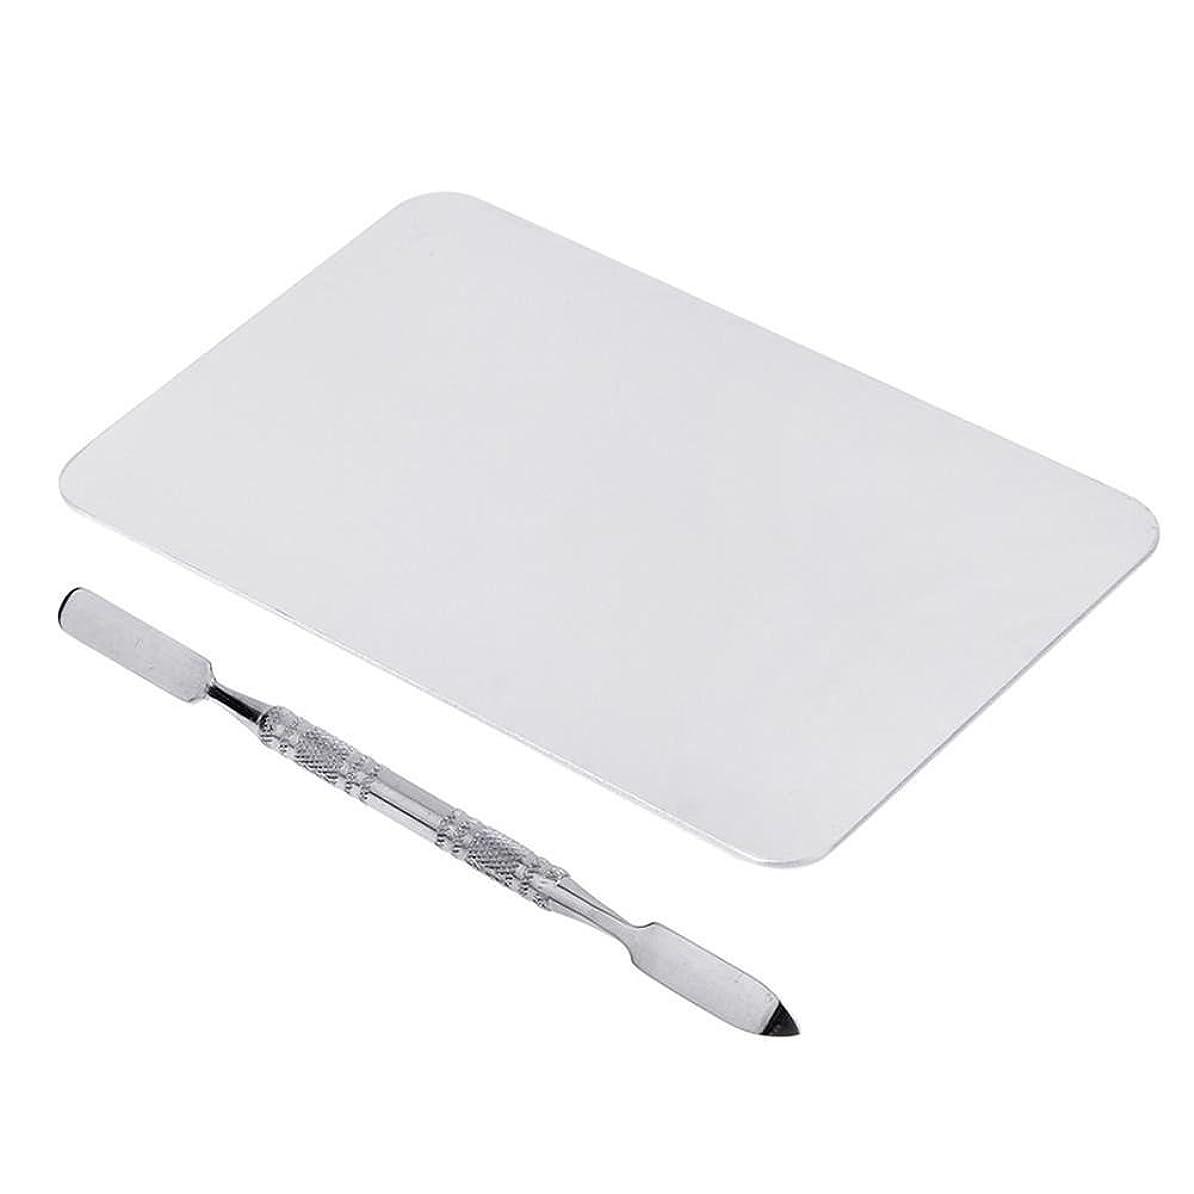 シャープバンド例示するCUHAWUDBA 2色のメイクパレットマニキュア、メイクアップ、アイシャドウパレットパレットセット12cm